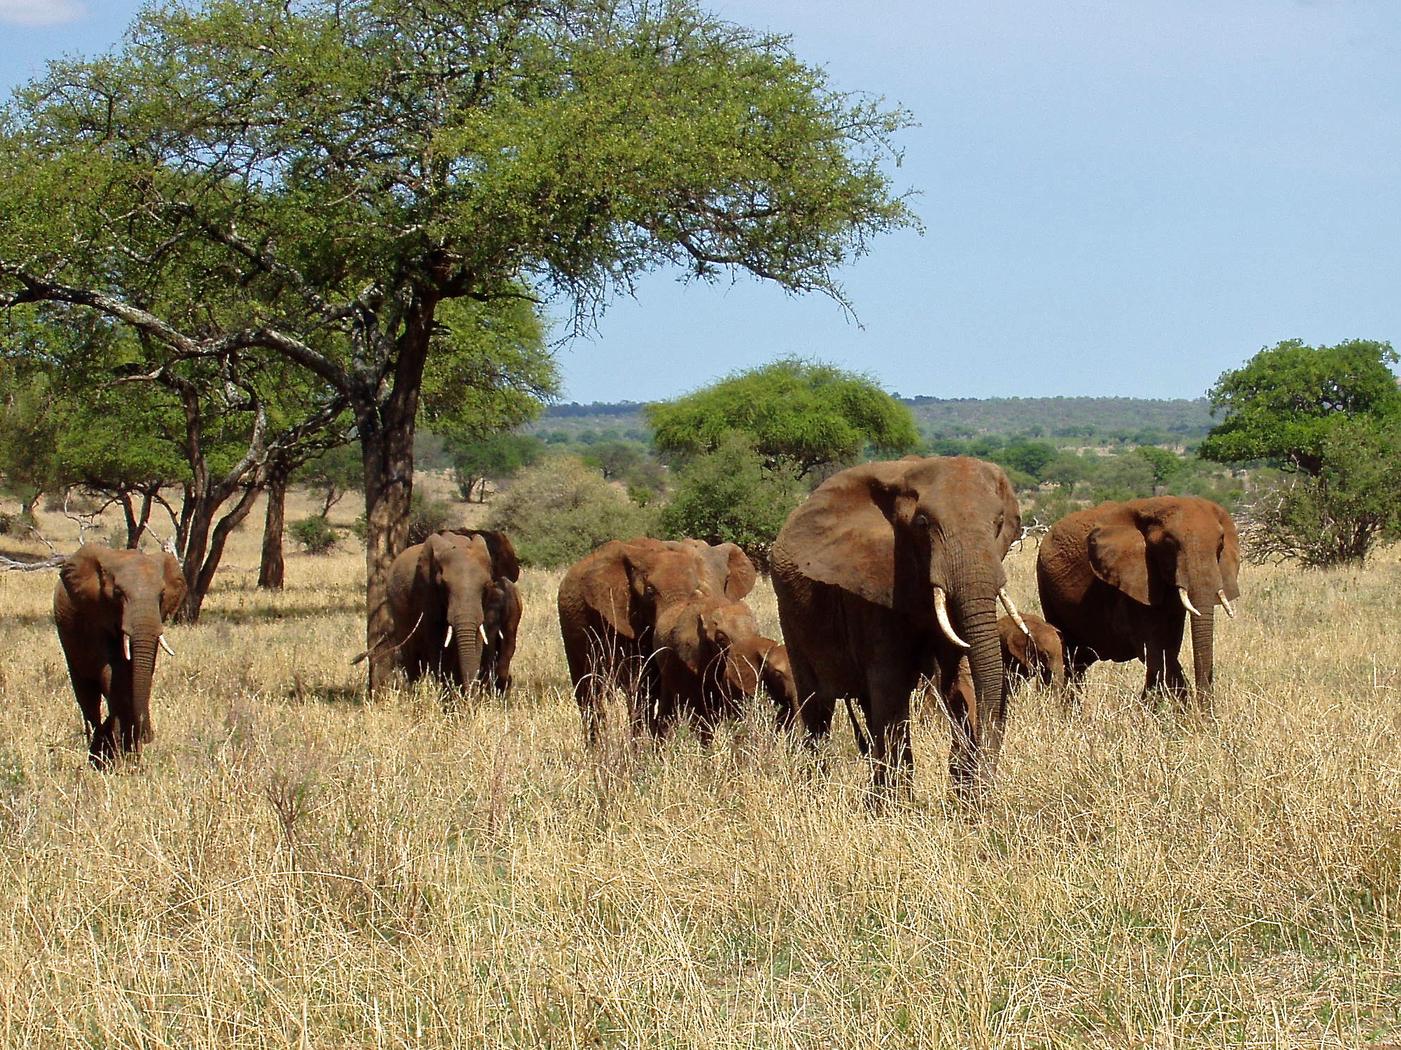 Africa, Tanzania, safari